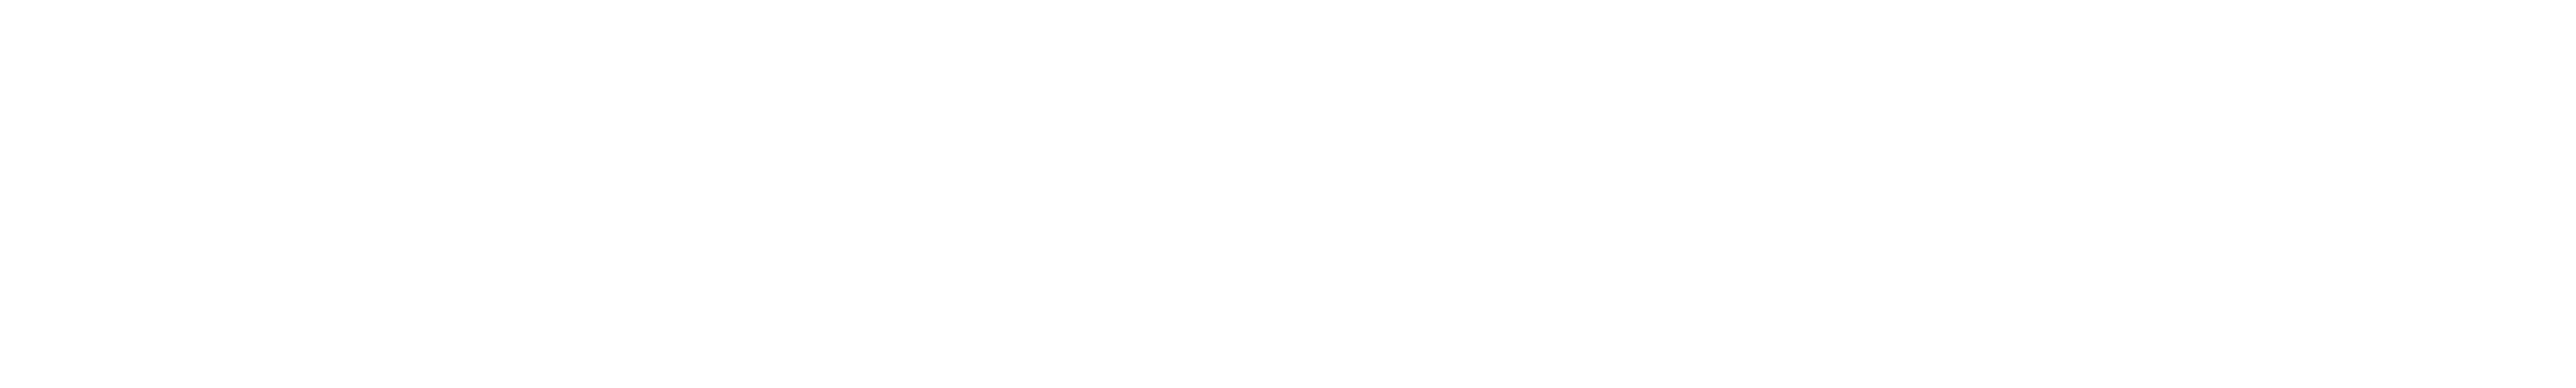 SPIELBERG BRNO ARMS s.r.o.